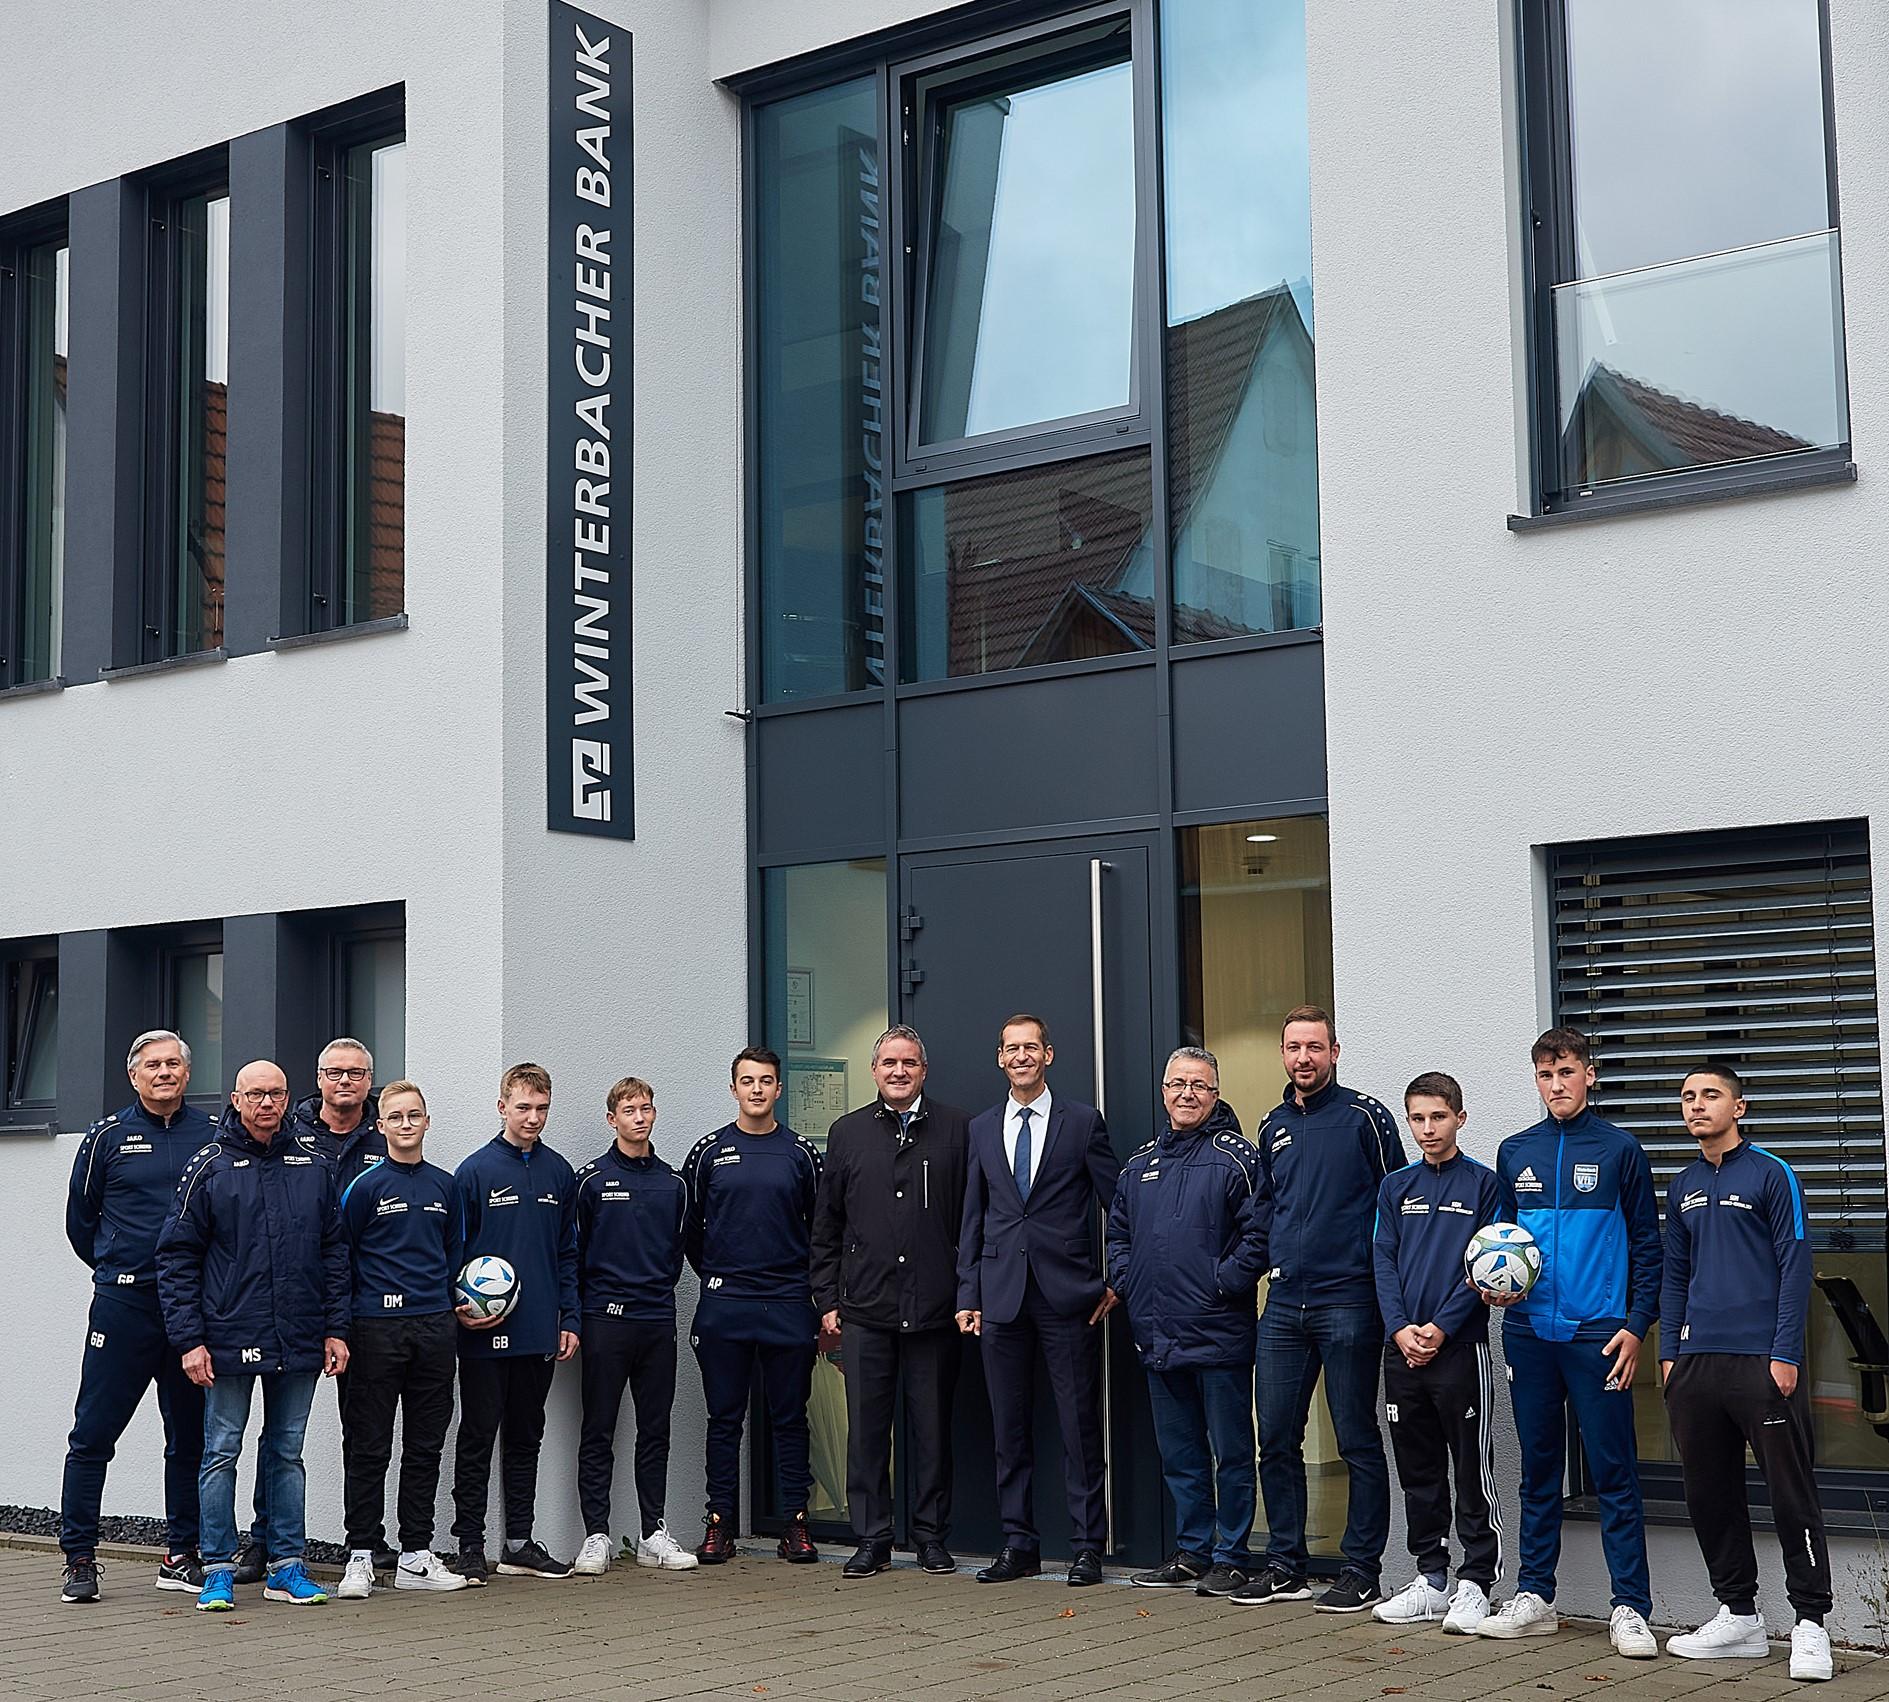 Winterbacher Bank fördert den Jugendfußball